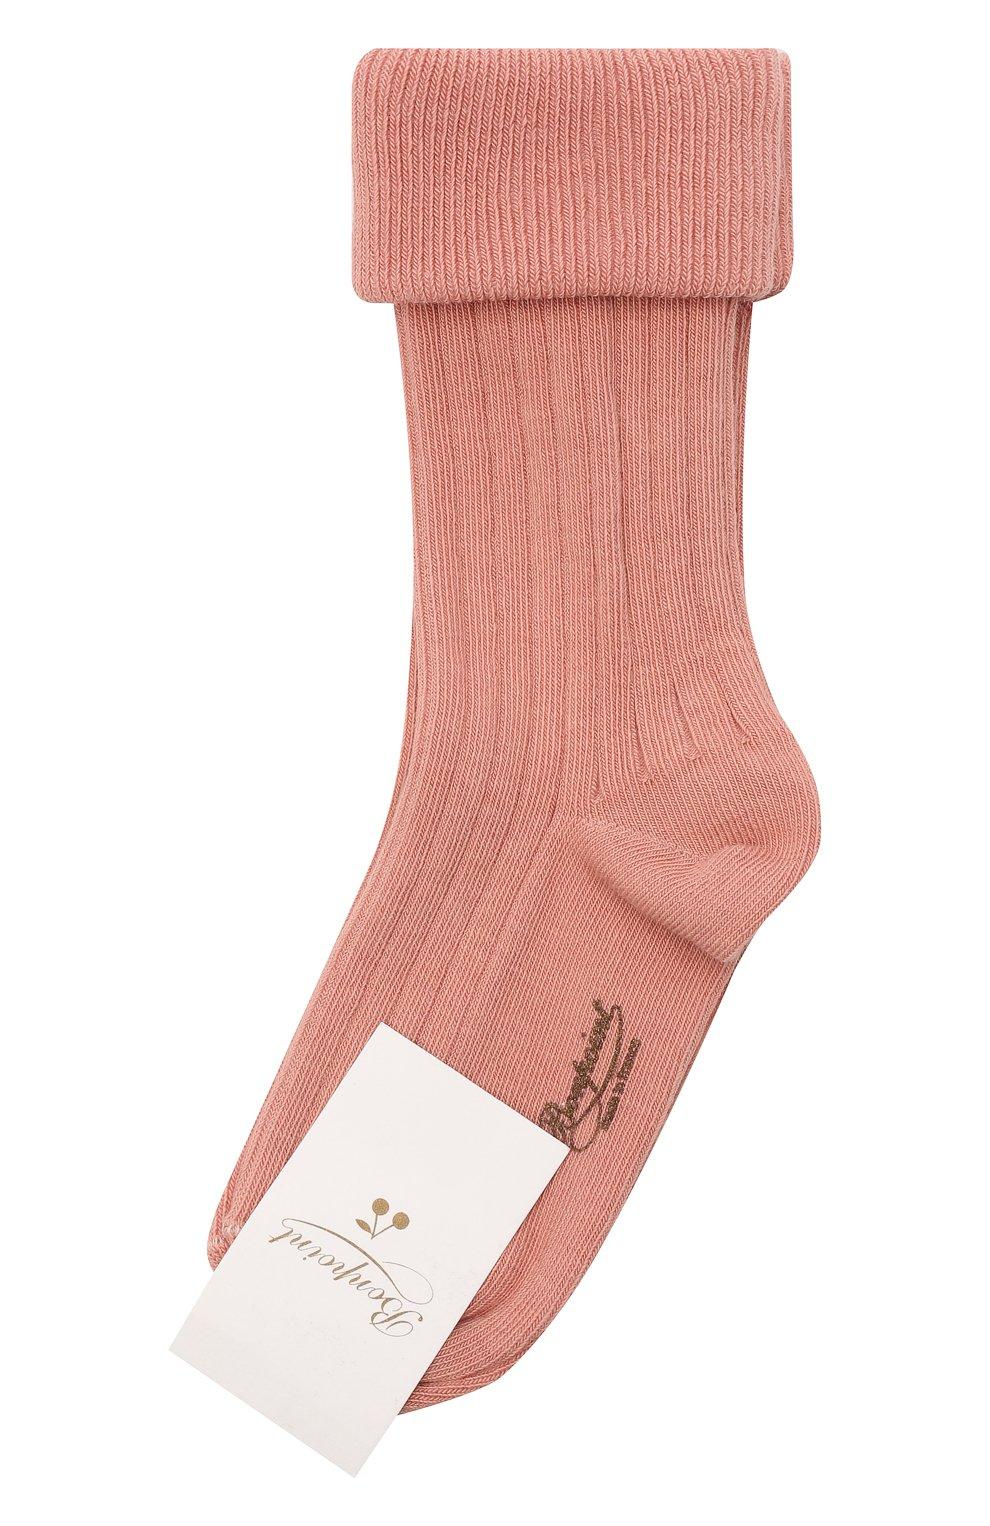 Детские хлопковые носки BONPOINT розового цвета, арт. H20BGICOTFIF(023)_823540   Фото 1 (Материал: Текстиль, Хлопок)